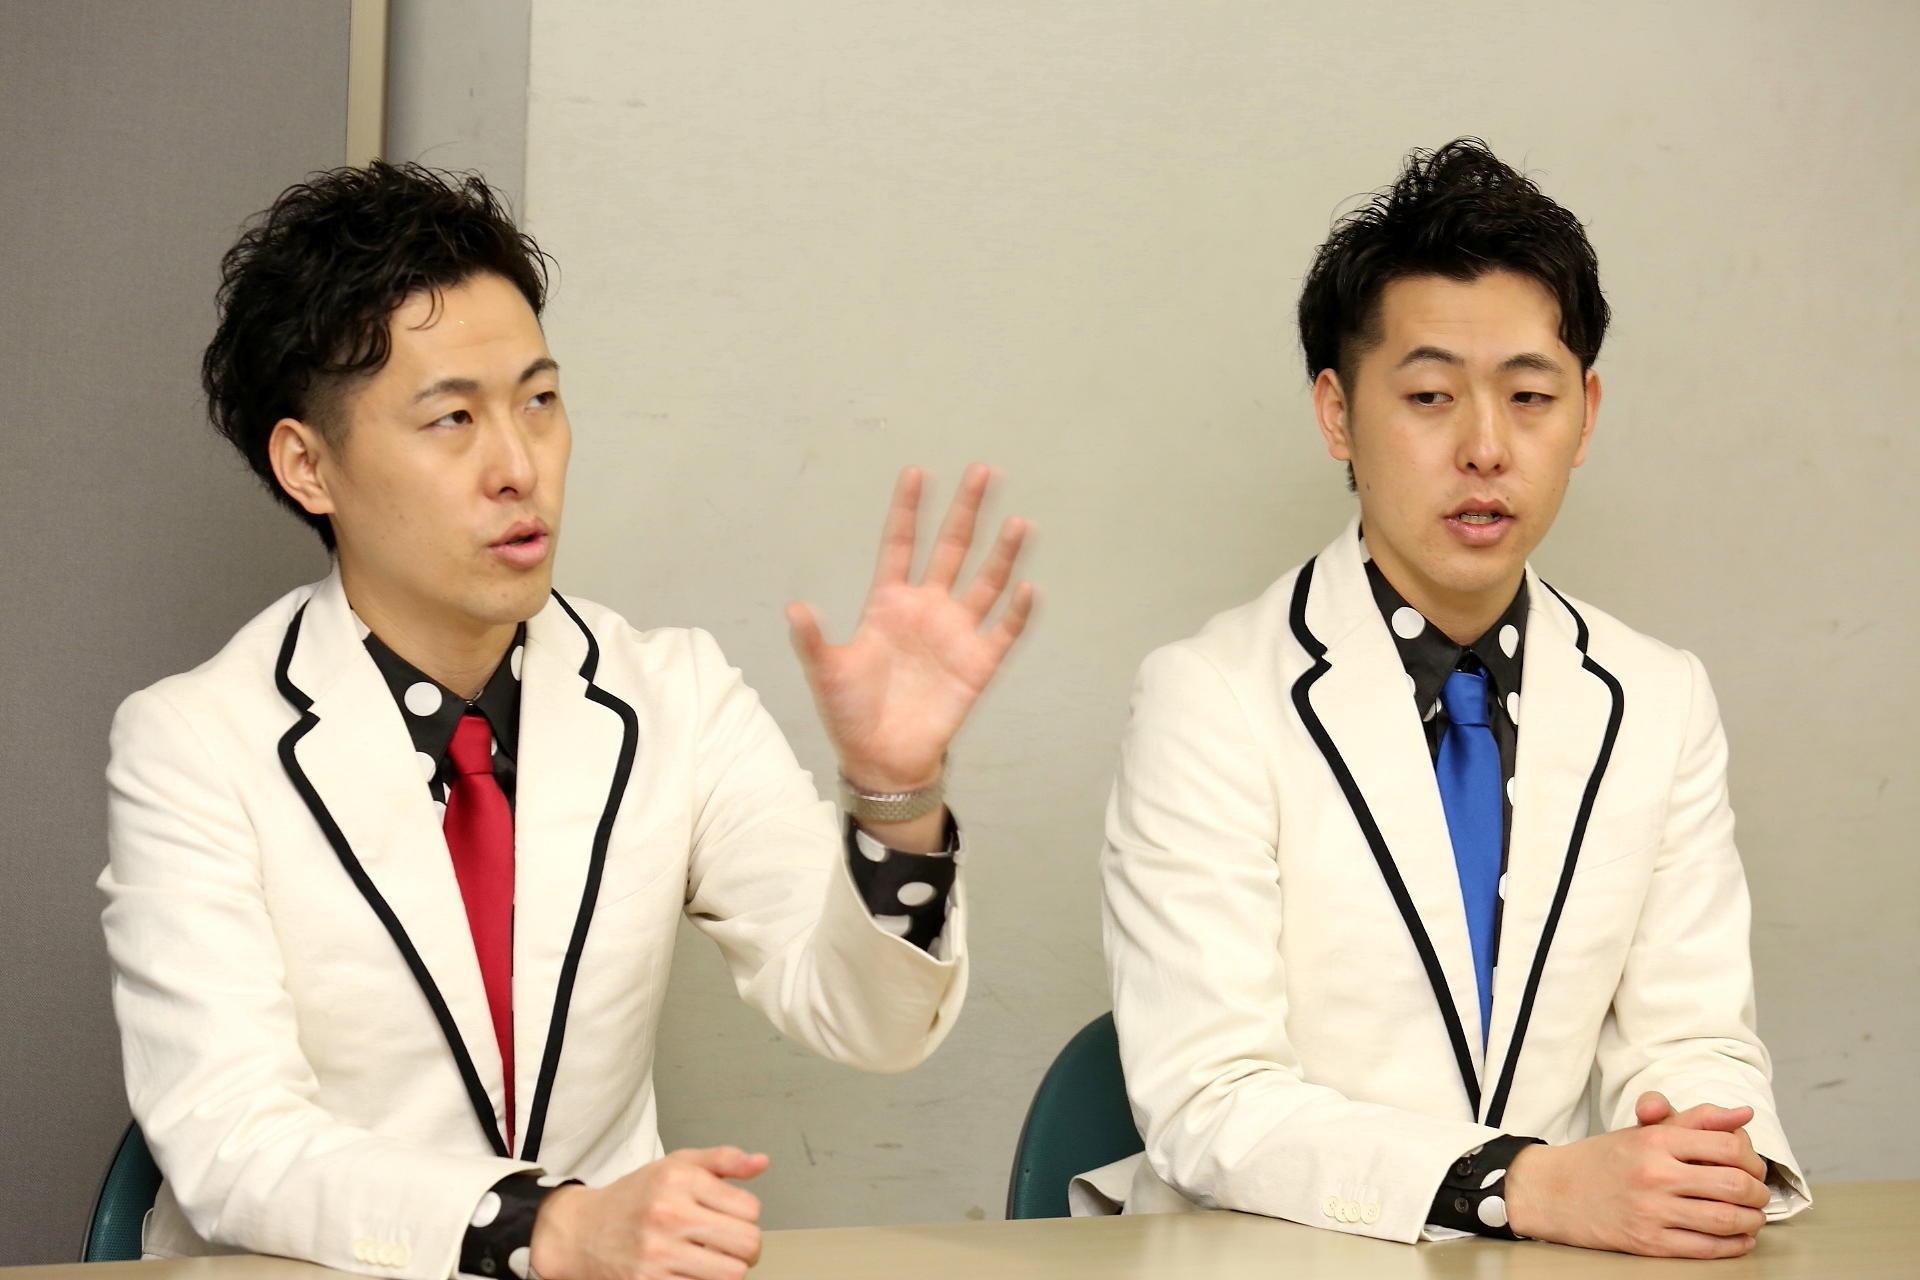 http://news.yoshimoto.co.jp/20170226202729-f5b659a782bb714bc3e1f9c6deee7fd9de47c74a.jpg